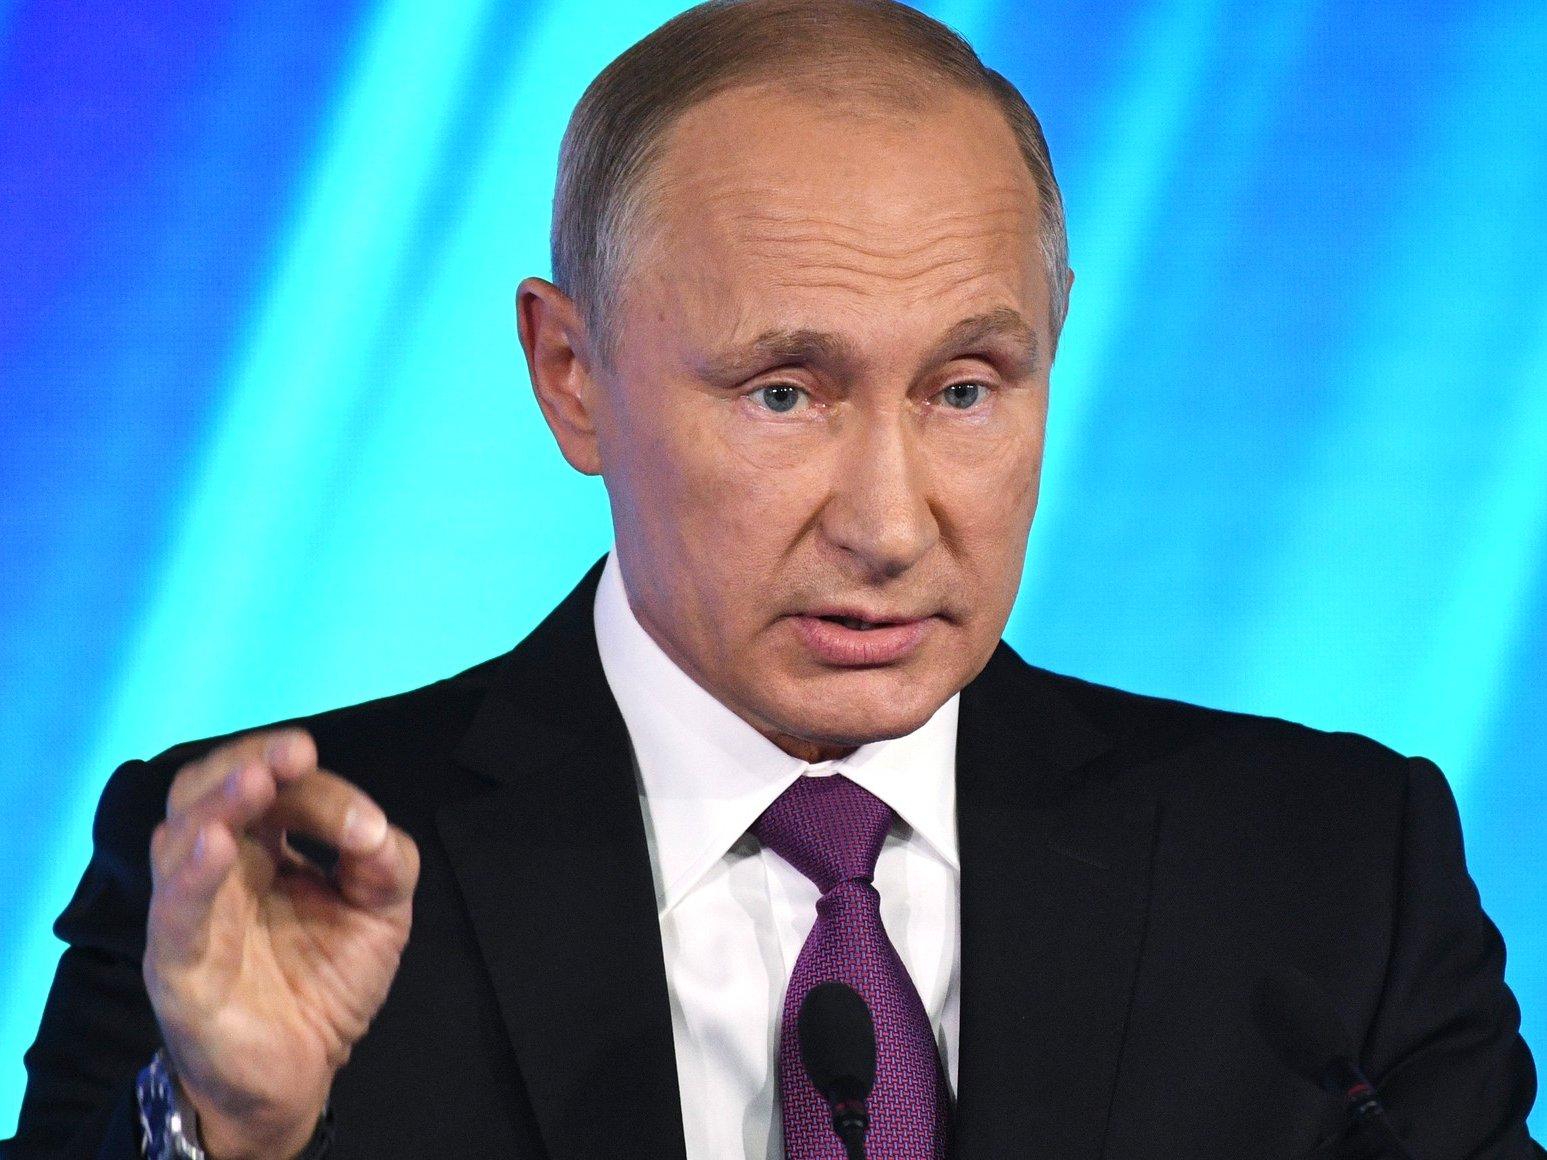 США ведут себя «несолидно», неисполняя обязательства поутилизации плутония— Путин